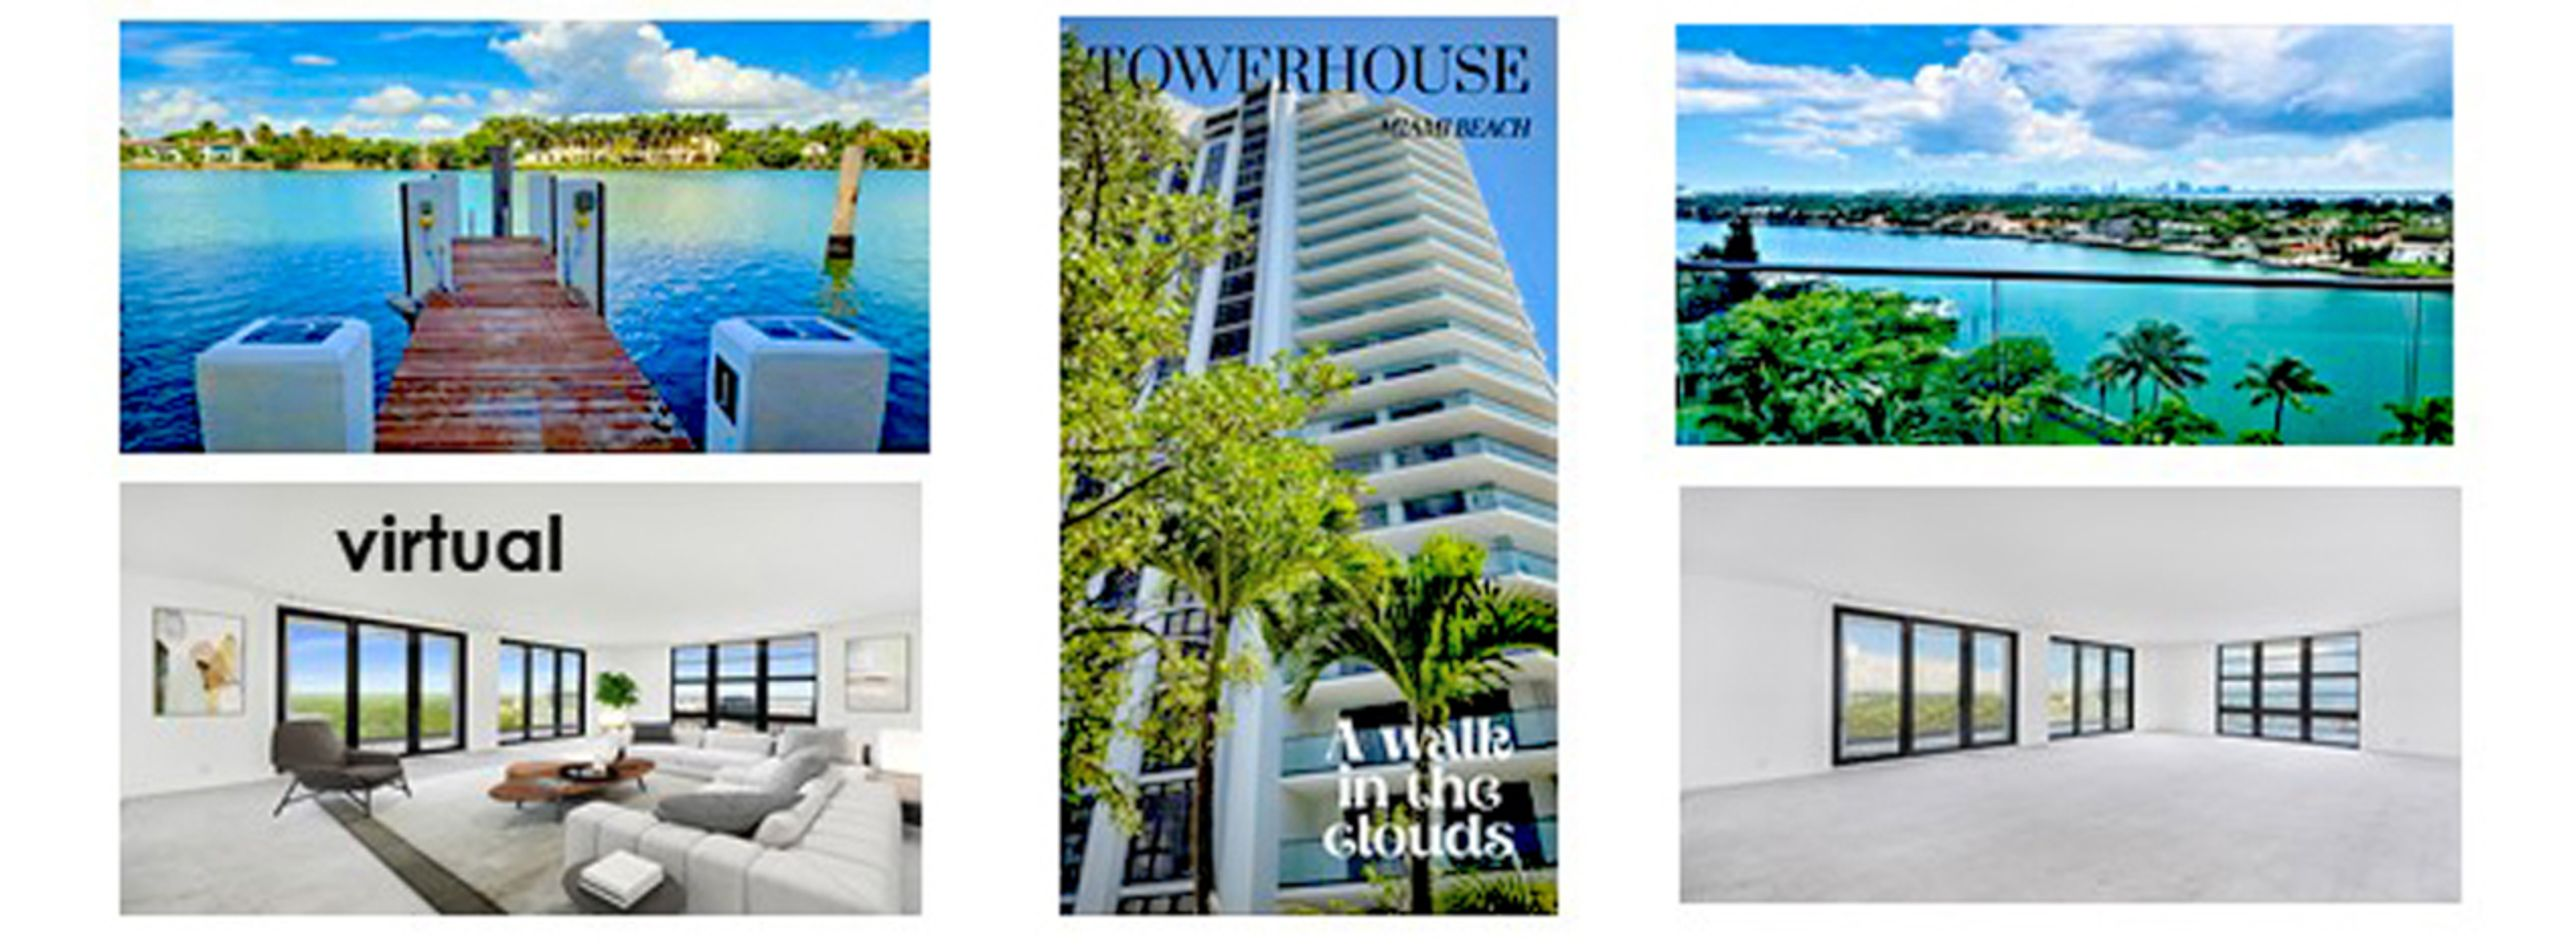 Towerhouse Condo, 5500 Collins Ave, Apt 2301  Miami Beach, FL 33140 | $929,000